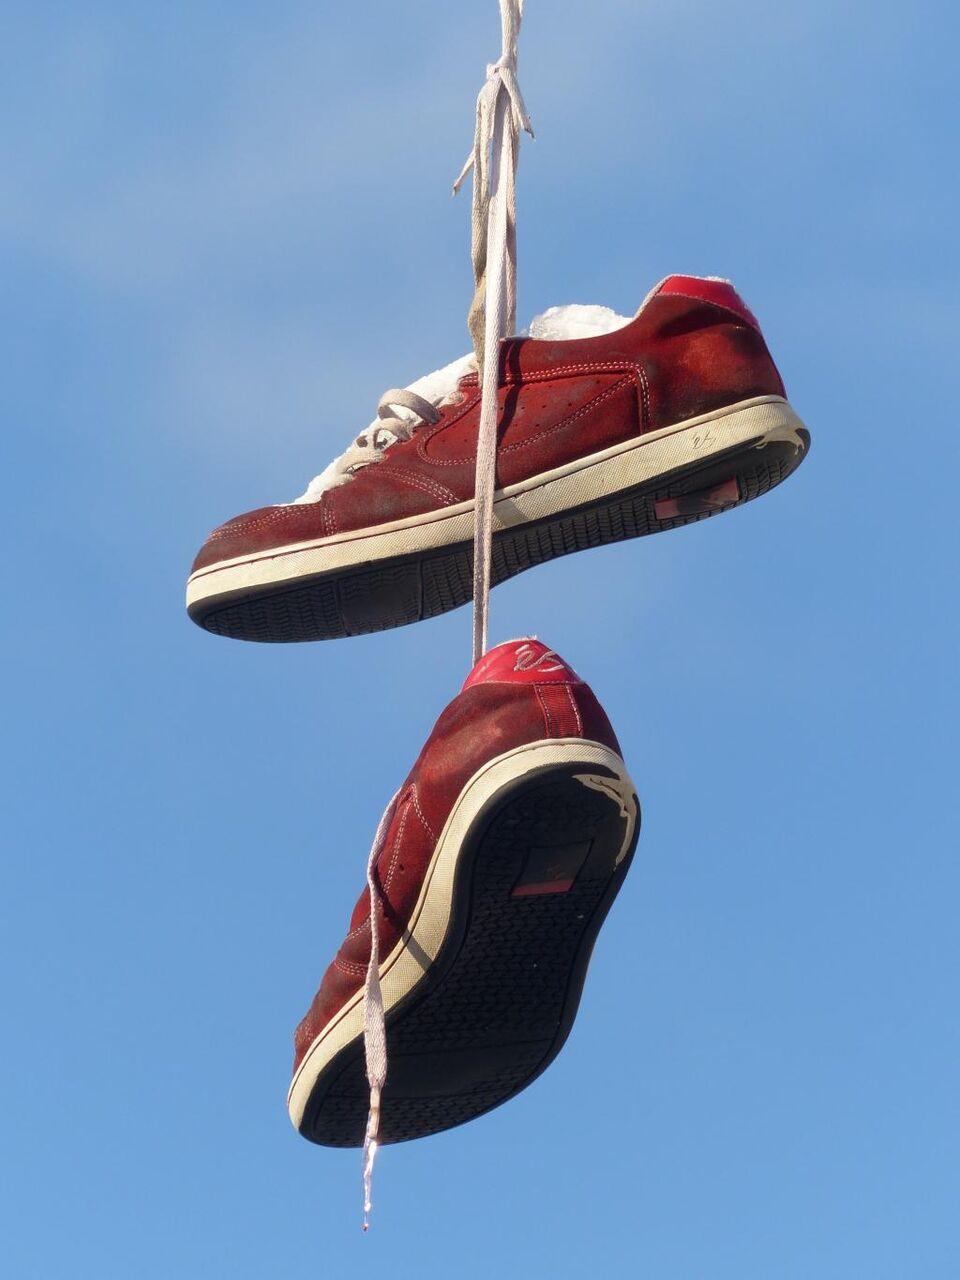 靴 ベルトに応じて 空 美しい アート 赤 高精細画像 入力銀河s9壁紙素材 壁紙